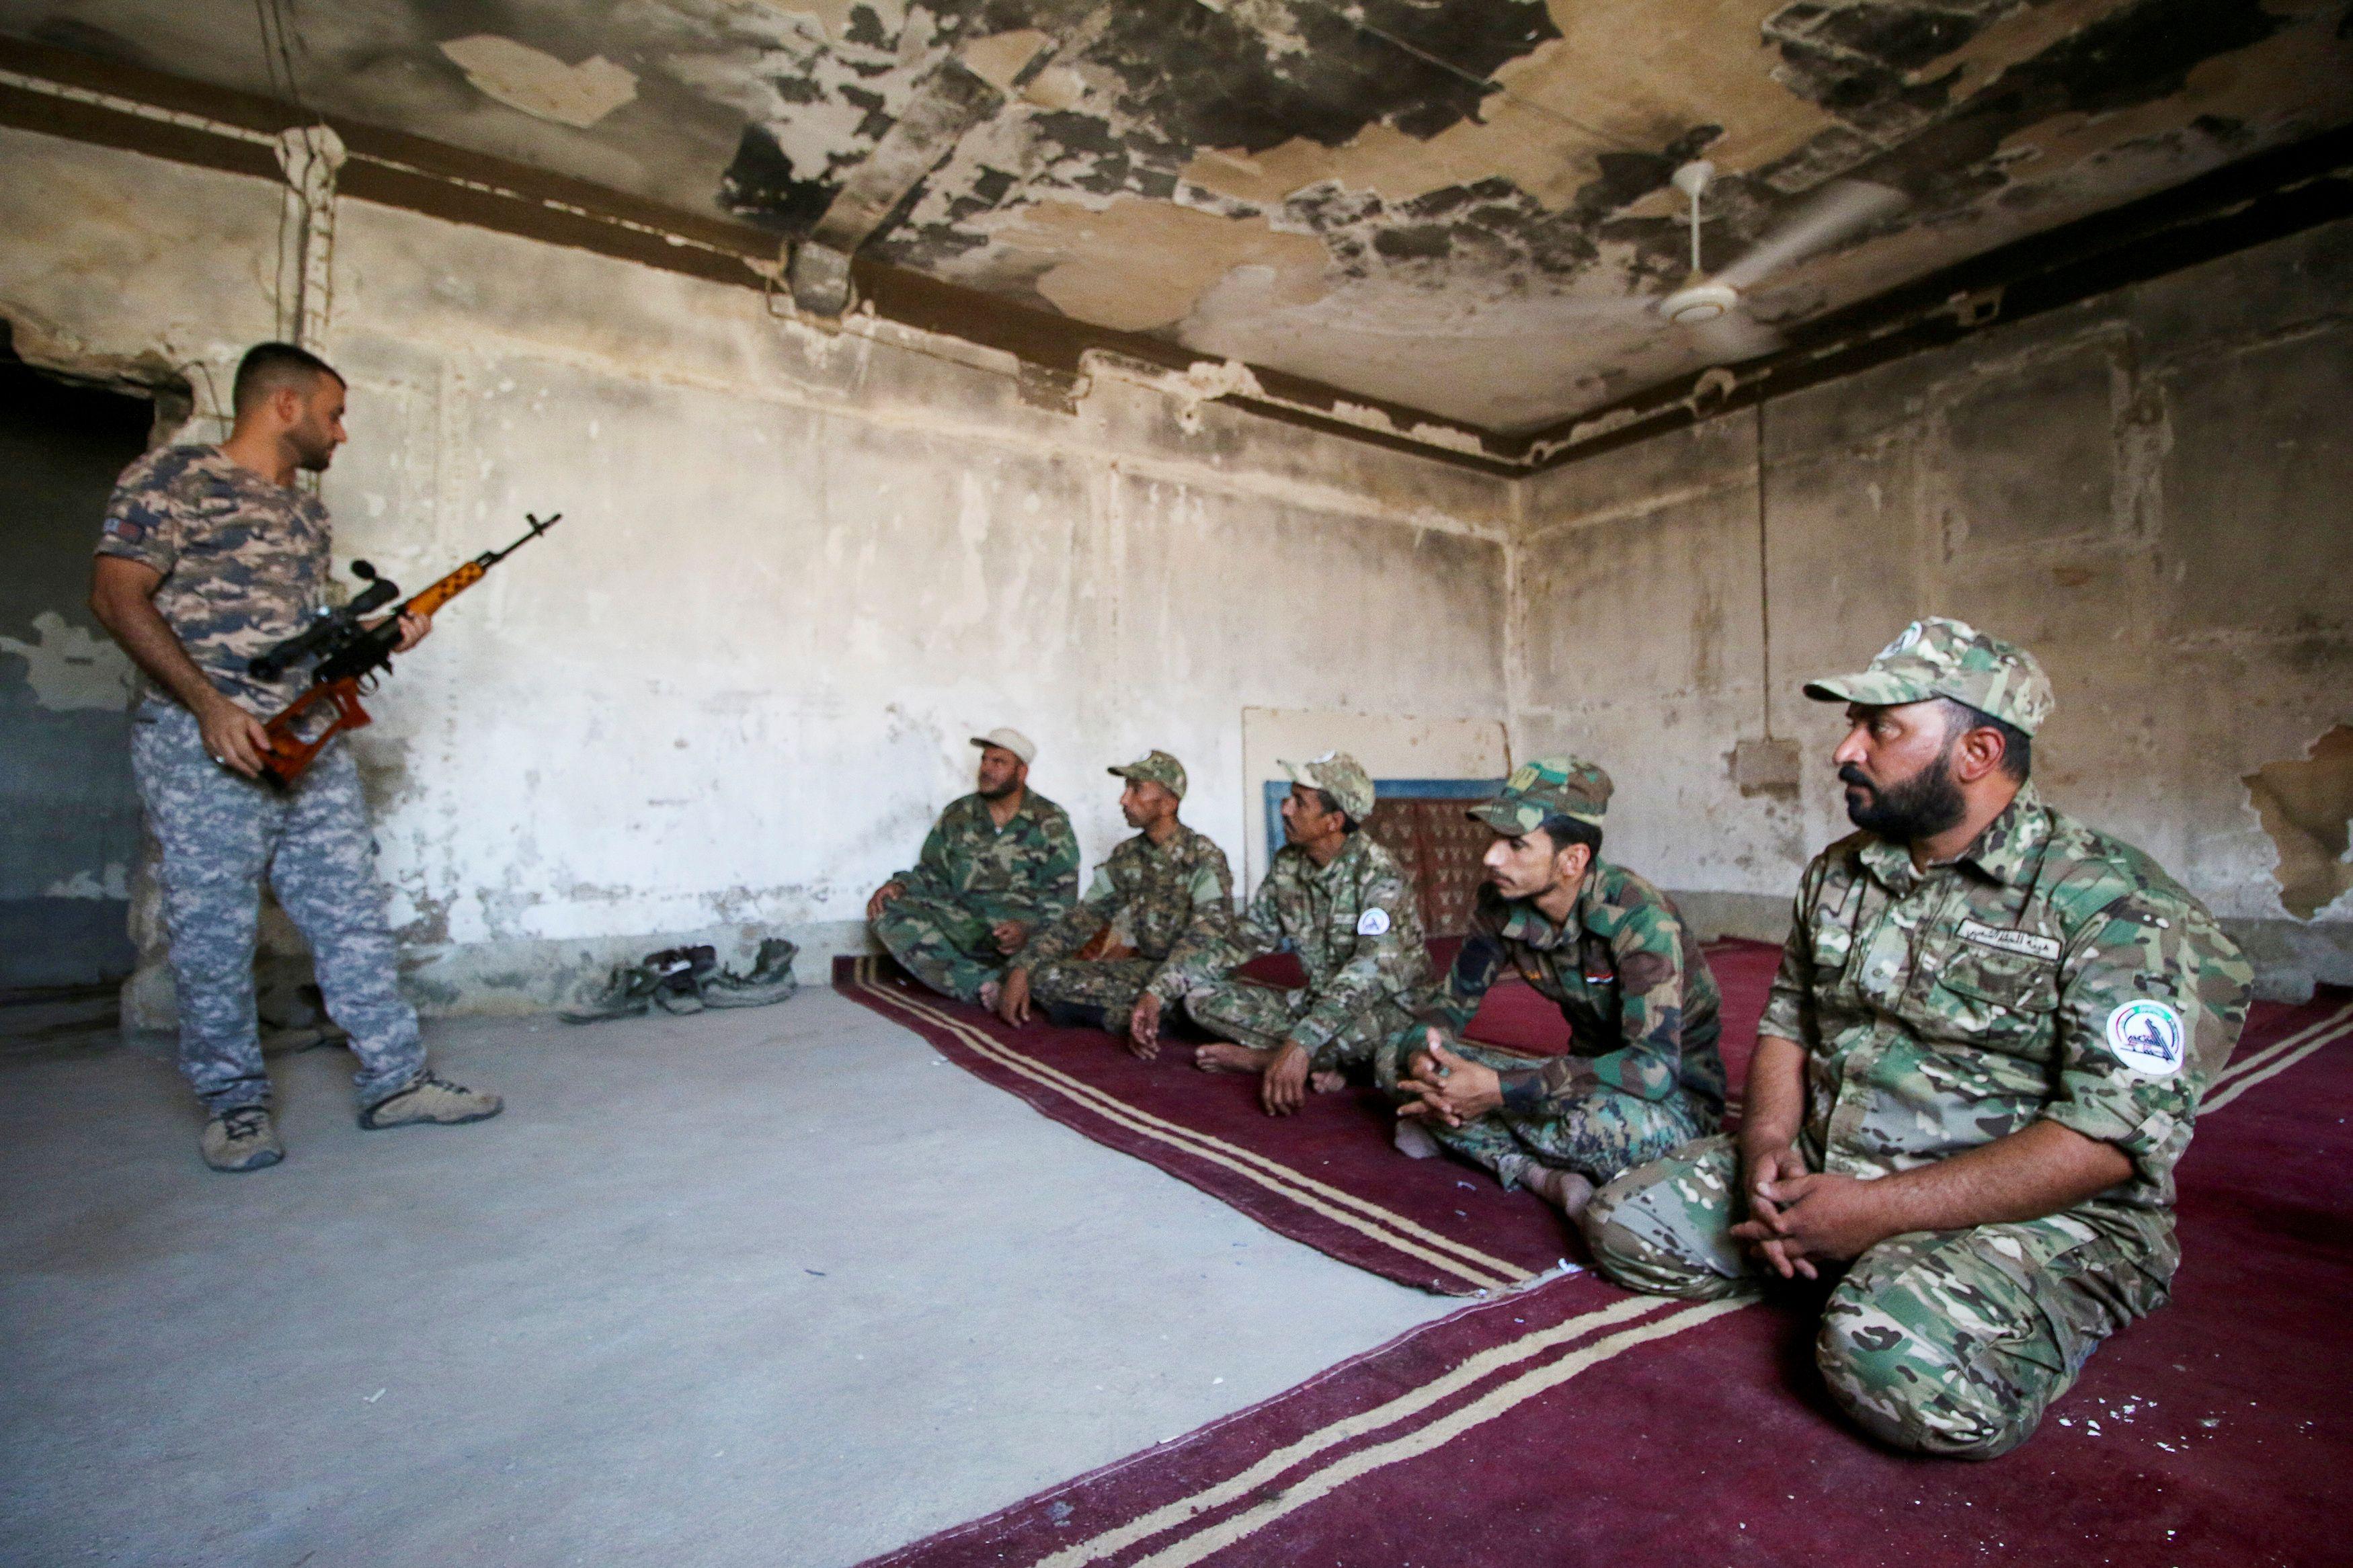 2019-08-28T204416Z_1667474817_RC1FFD3B61F0_RTRMADP_3_IRAQ-MILITIAS-USA